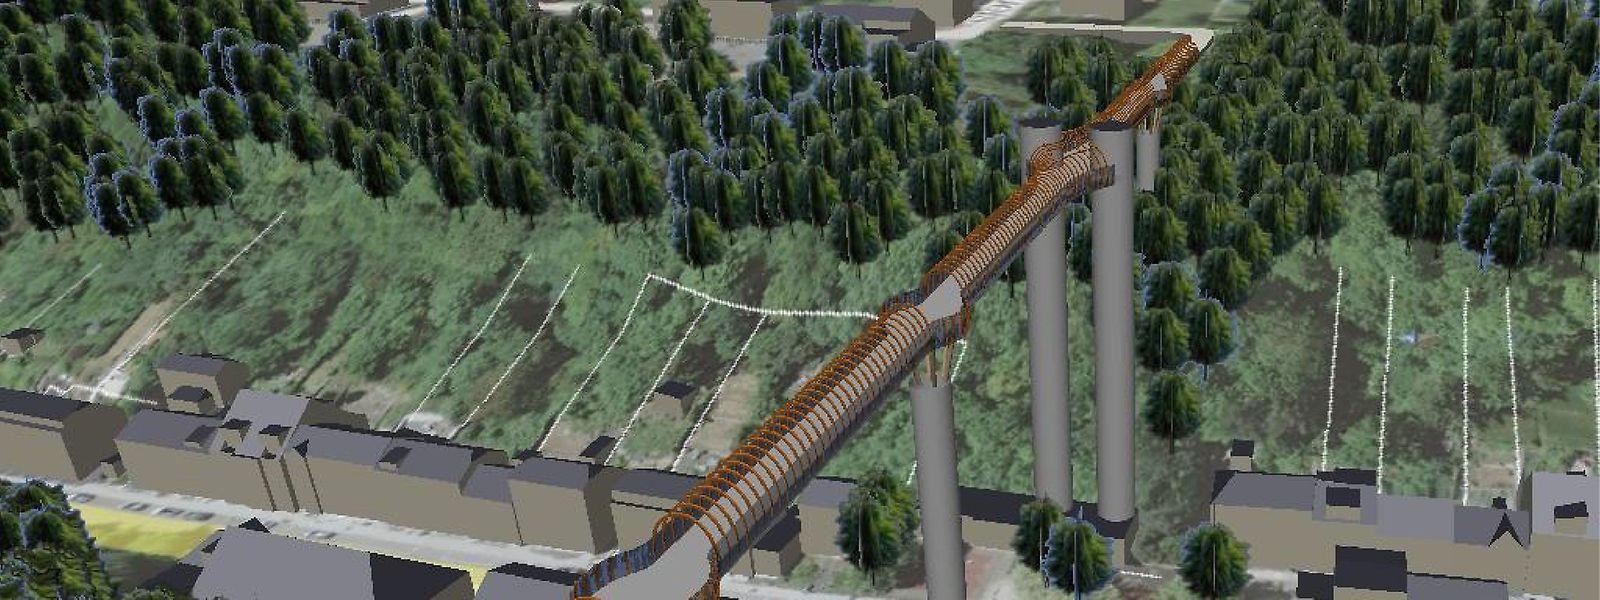 Auch das zweite Brückenprojekt stößt beim Interessenverein auf Ablehnung.